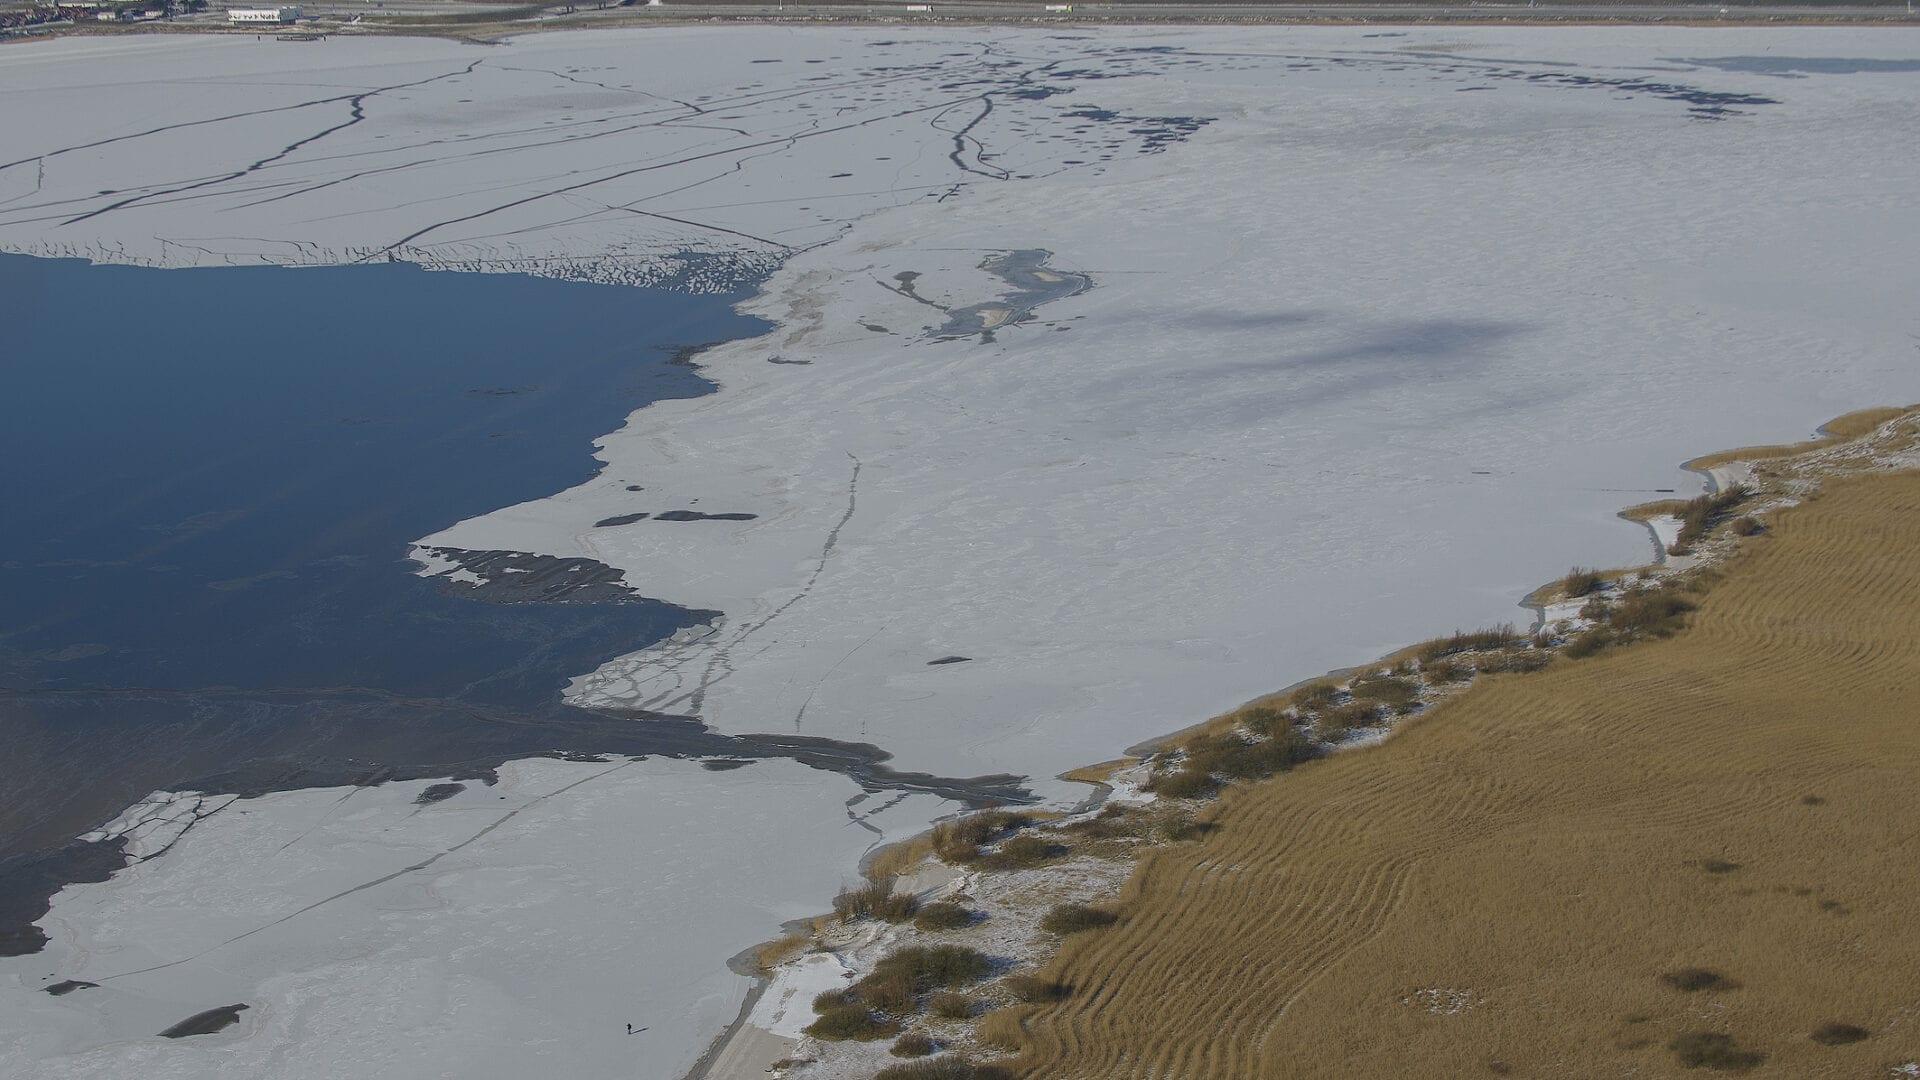 Luchtfoto Kornwerderzand. Het is winter en er ligt ijs op het IJsselmeer.